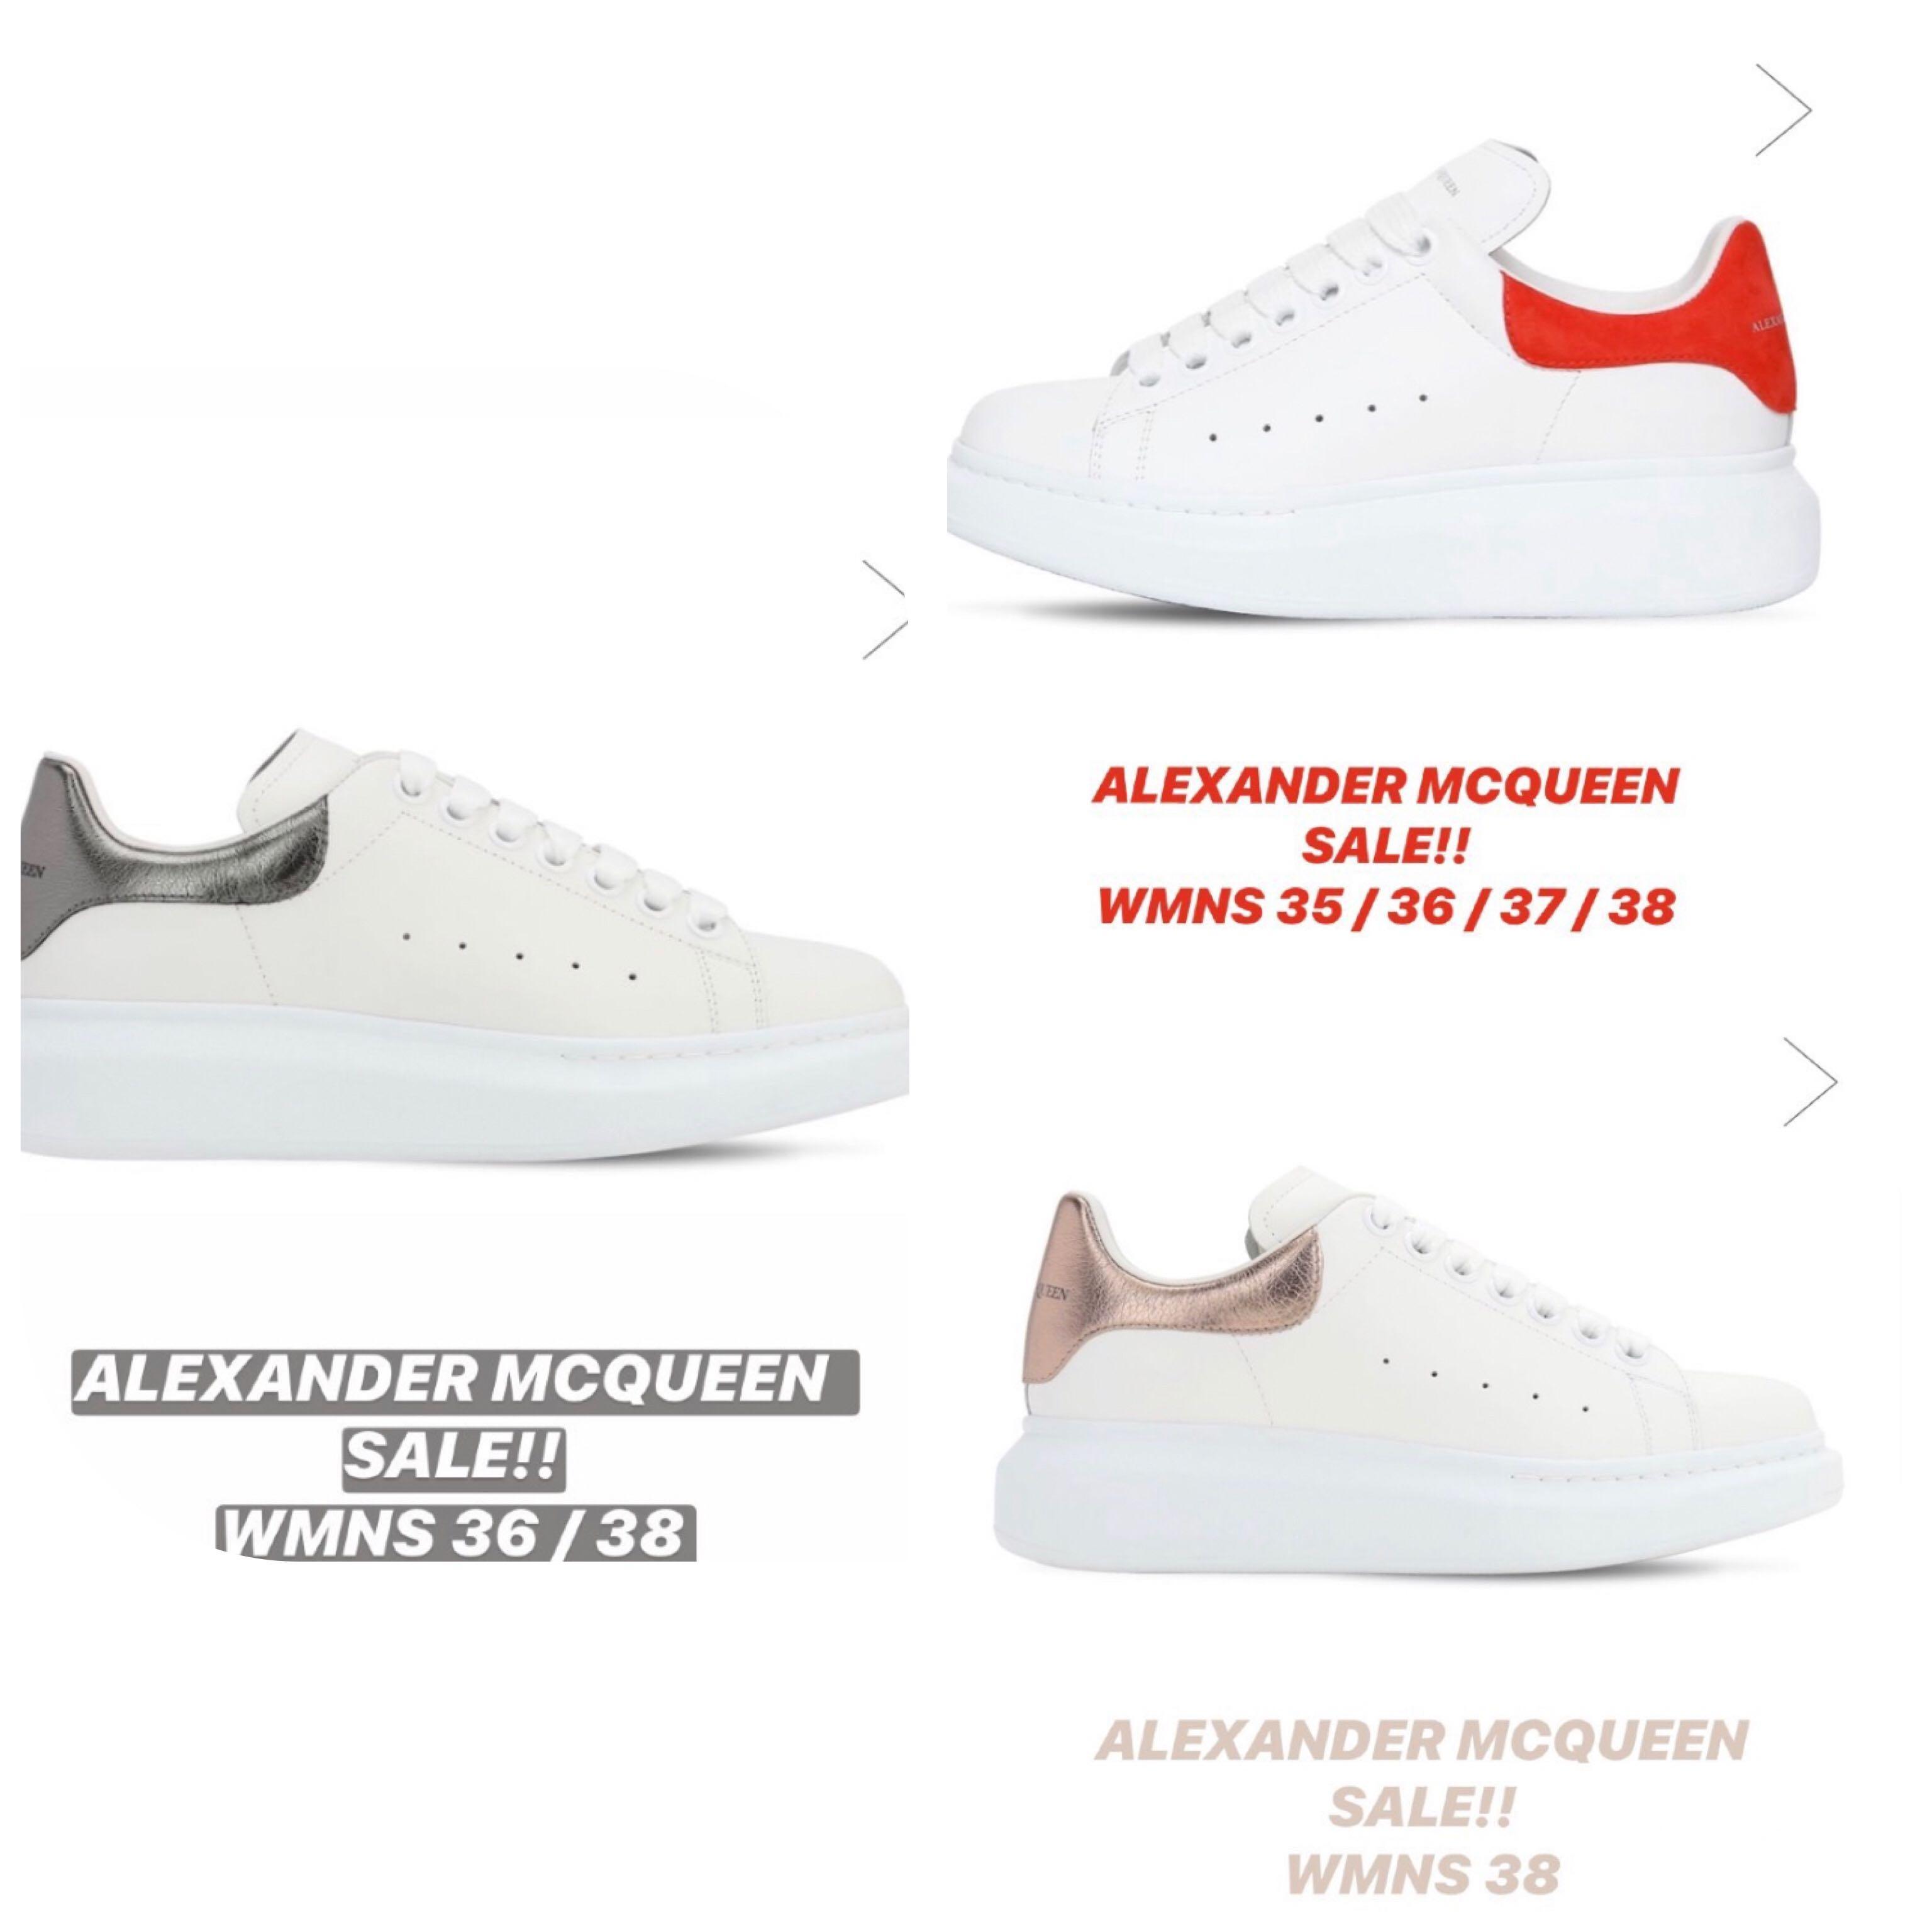 Alexander Mcqueen Sneakers Womens SALE